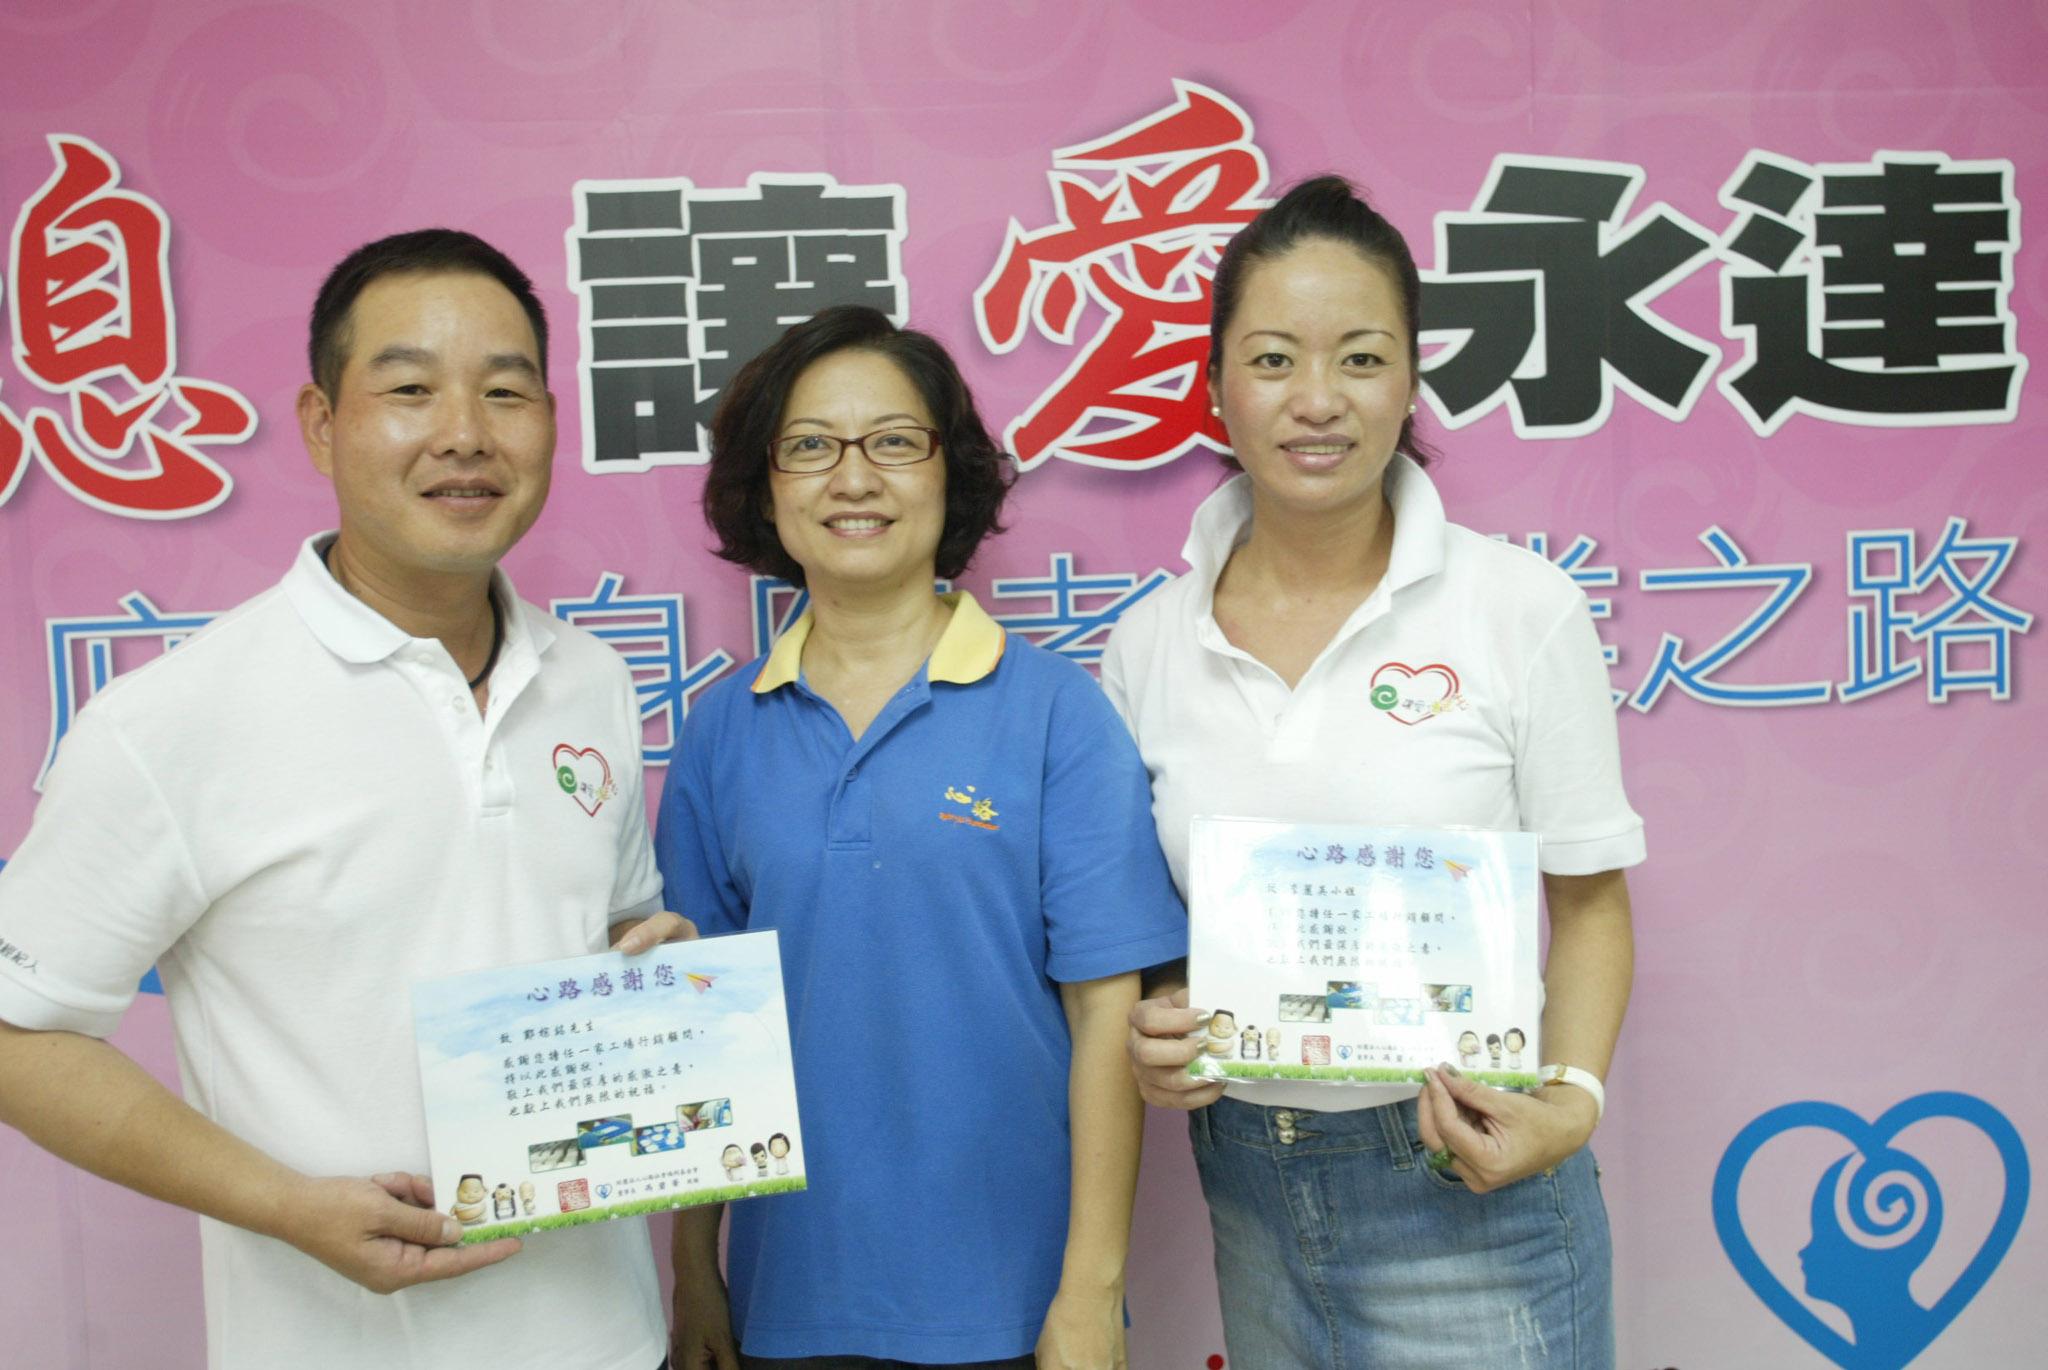 由永達南區鄭棕銘協理(圖左一)及李麗英副總(圖右一) 擔任一家工場行銷顧問協助經營指導。